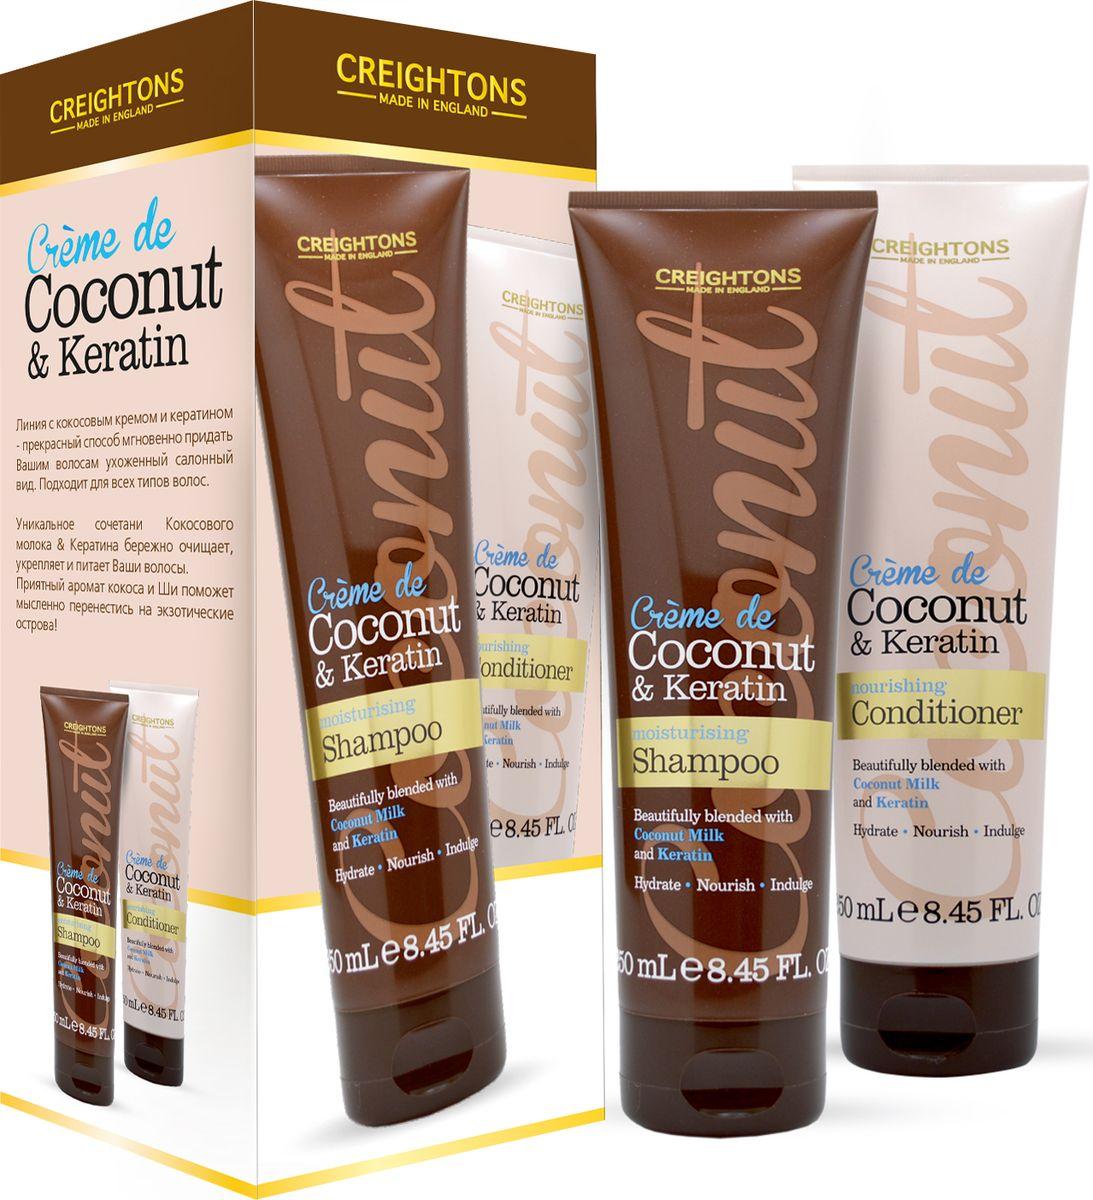 Creightons Дуо Набор Увлажнение и питание волос (шампунь, кондиционер)PN5601Линия с кокосовым кремом и кератином - прекрасный способ мгновенно придать Вашим волосам ухоженный салонный вид. Подходит для всех типов волос. Уникальное сочетание Кокосового молока & Кератина бережно очищает, укрепляет и питает Ваши волосы. Приятный аромат кокоса и Ши поможет мысленно перенестись на экзотические острова!